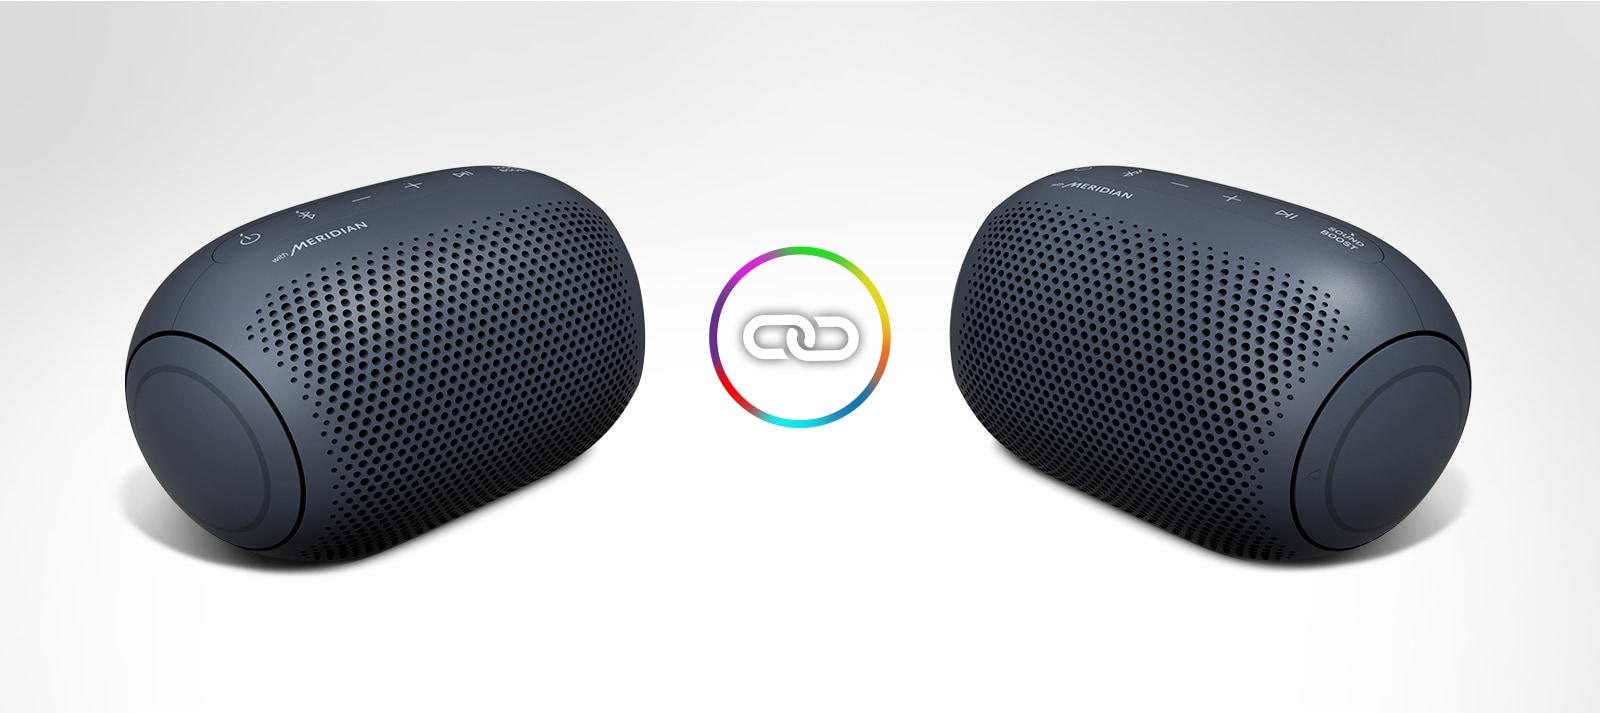 Dva zvučnika LG XBOOM Go nalaze se na bijeloj pozadini, a između njih je ikona kruga.